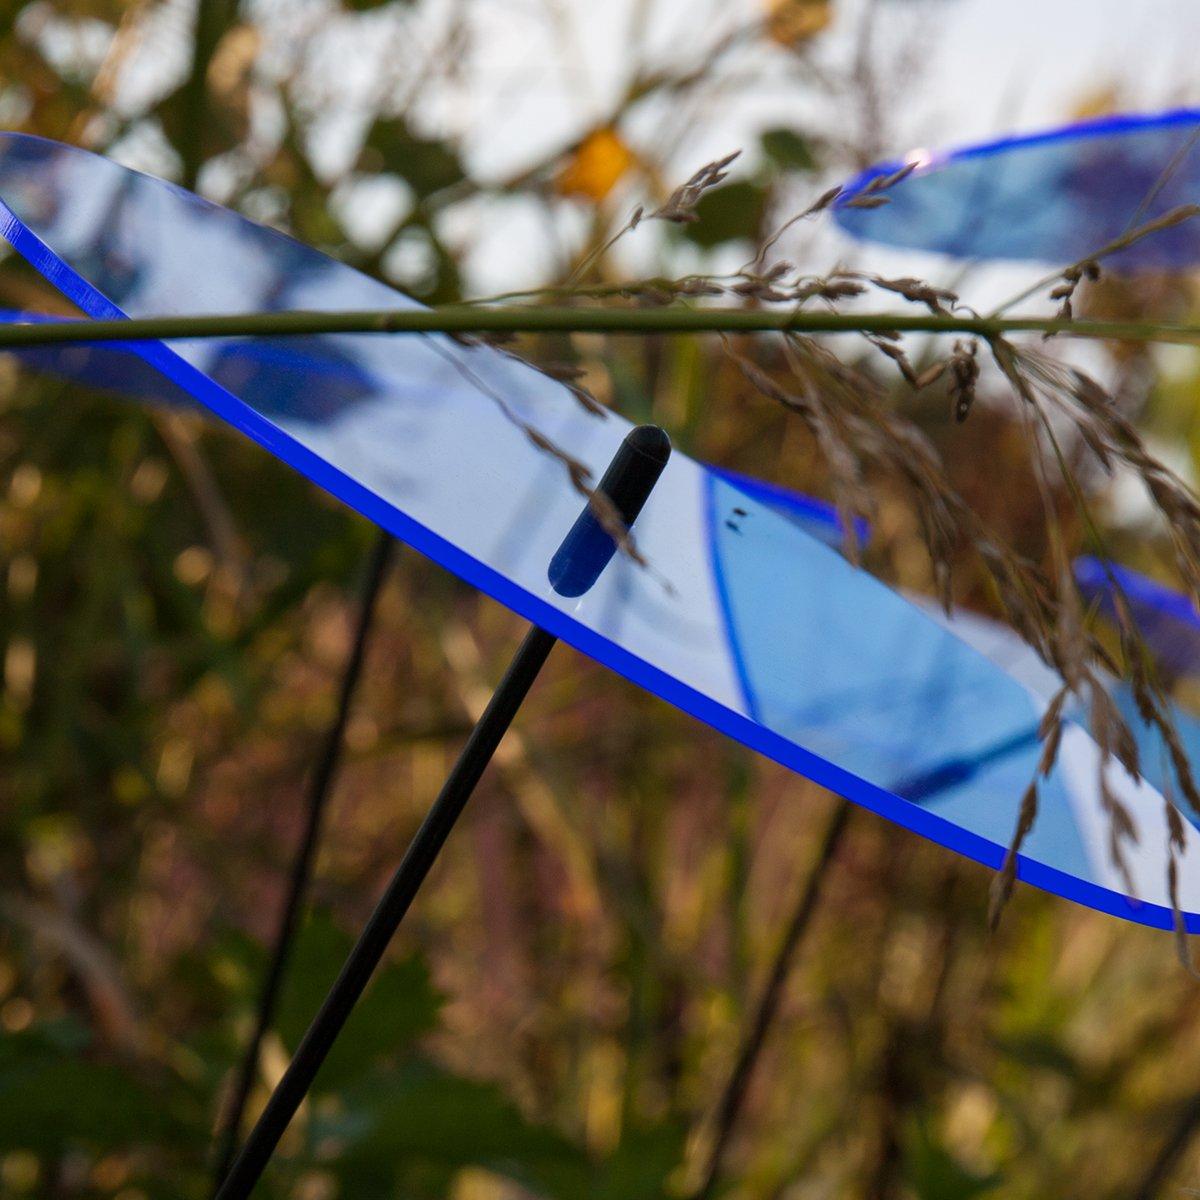 SUNPLAY Sonnenf/änger-Scheiben in BLAU 35 cm Schwingst/äbe 3 St/ück je 10 cm Durchmesser im Set